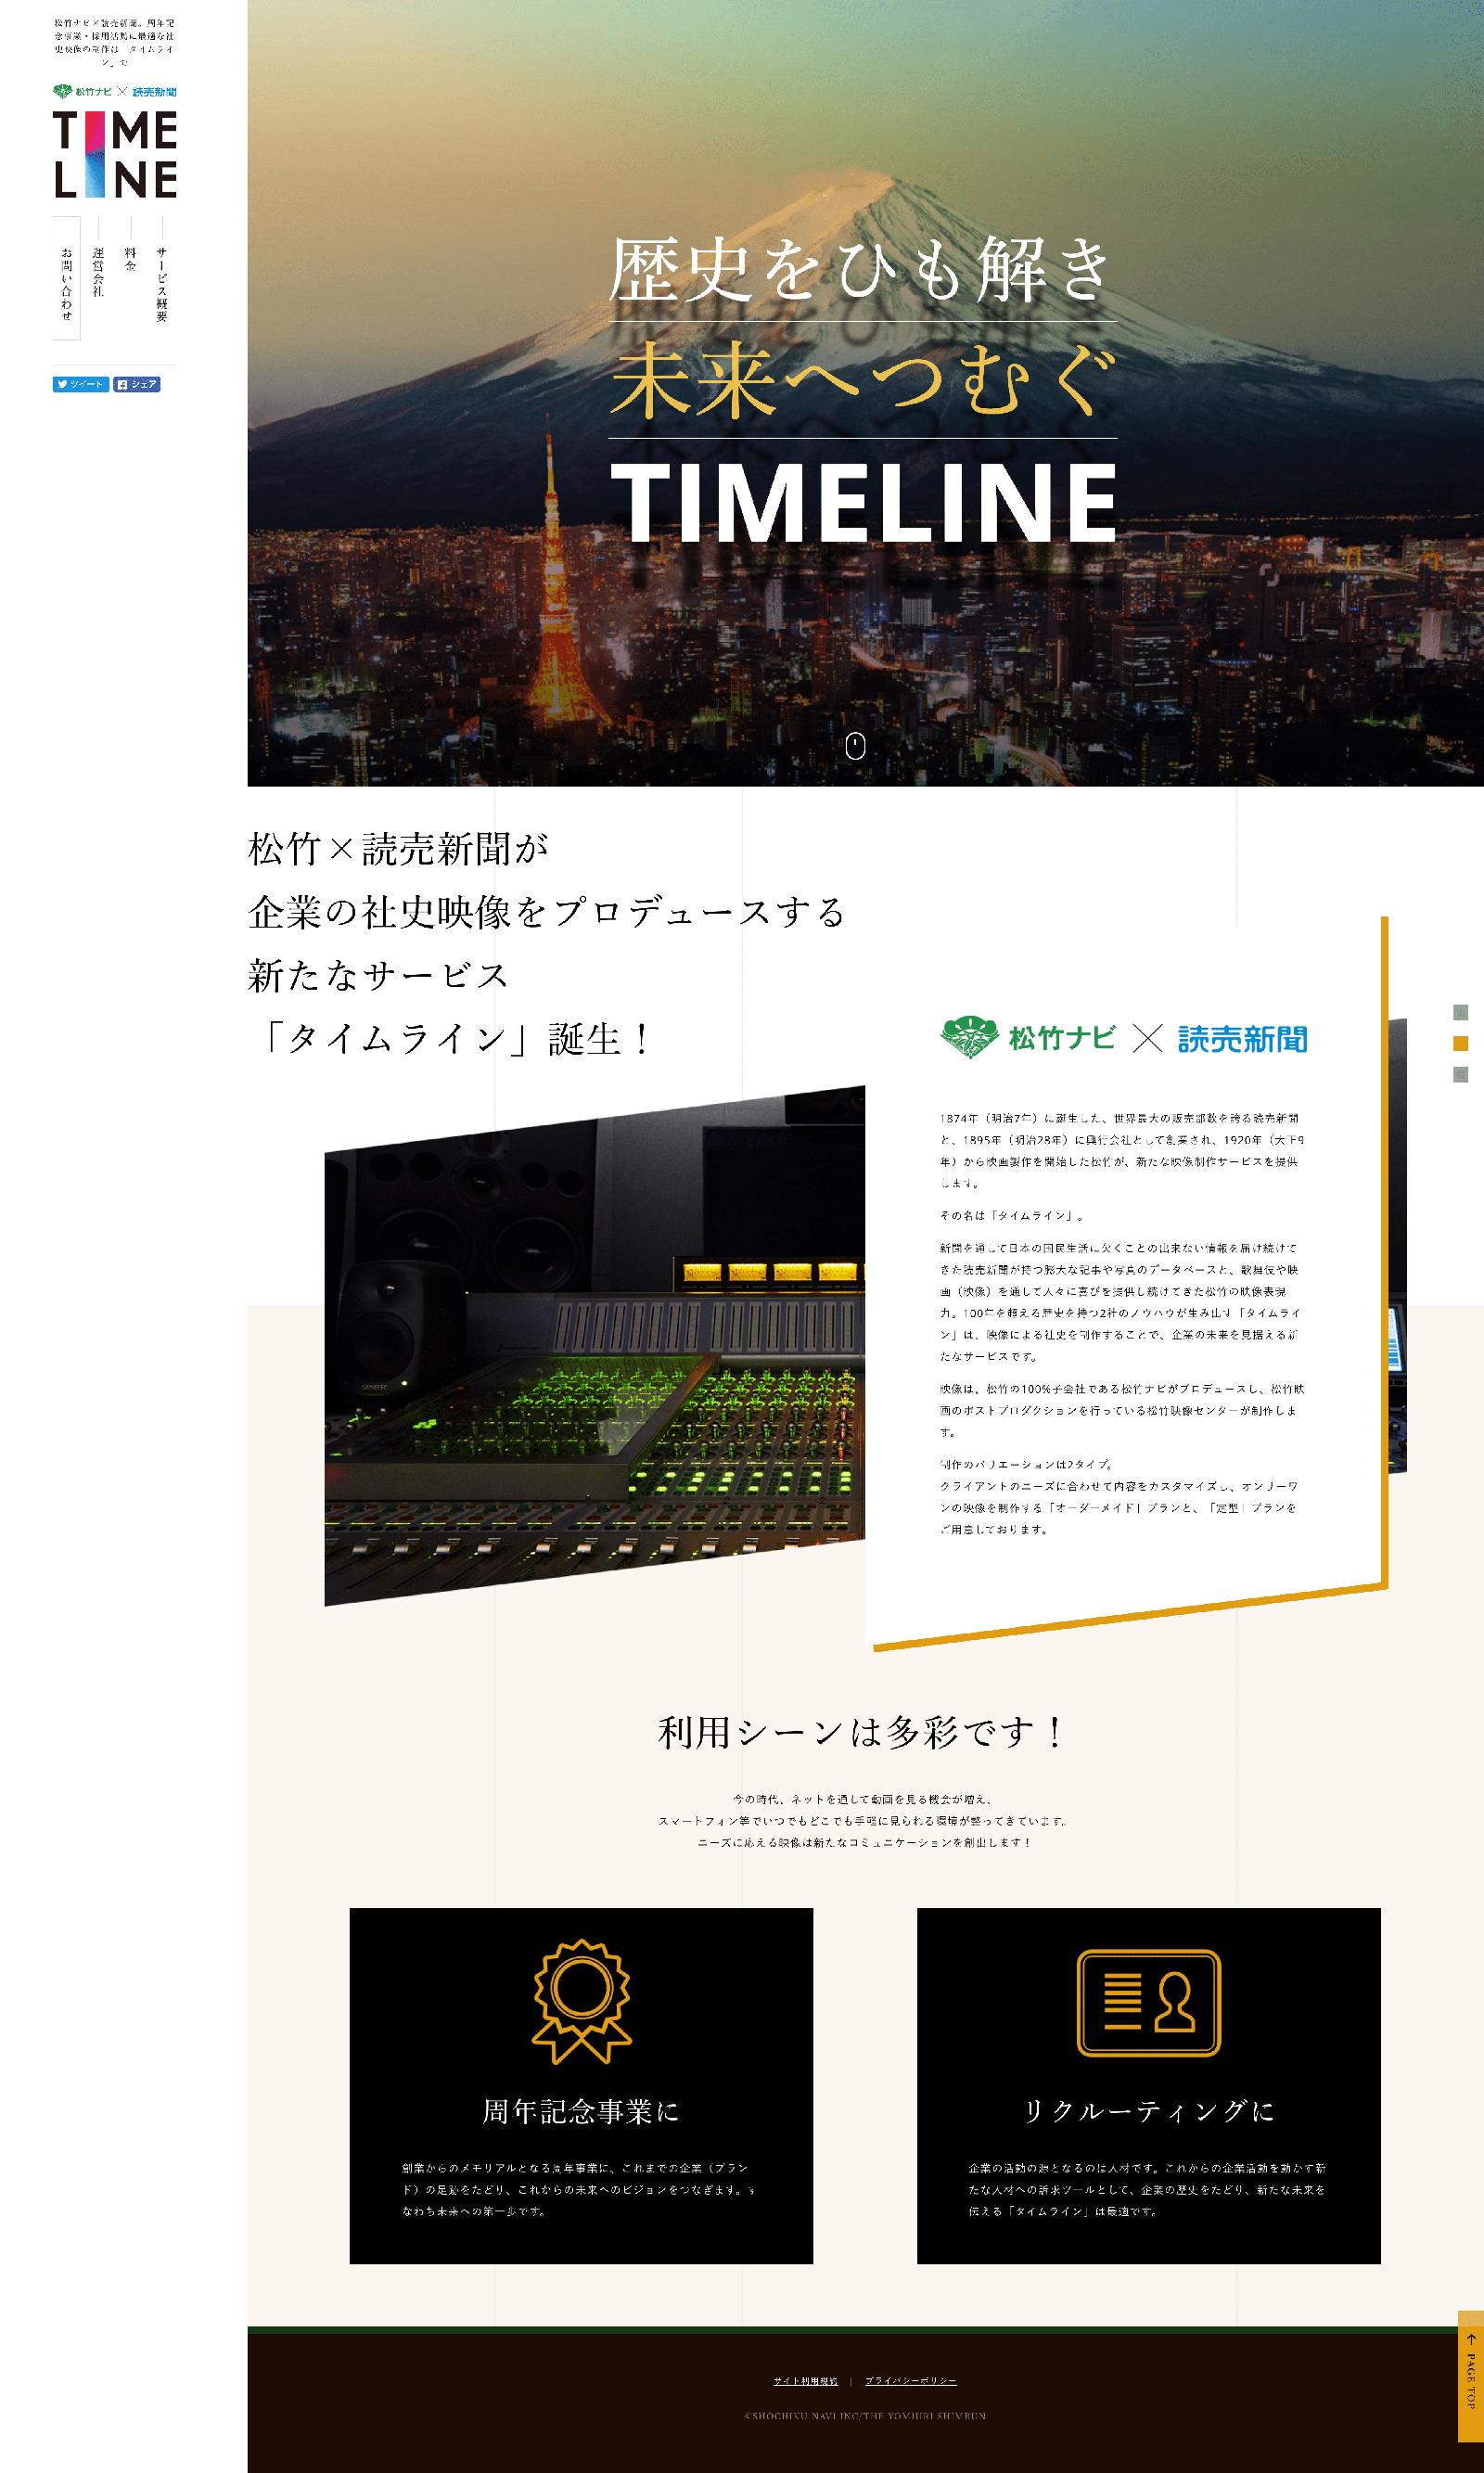 松竹ナビ×読売新聞 TIMELINE